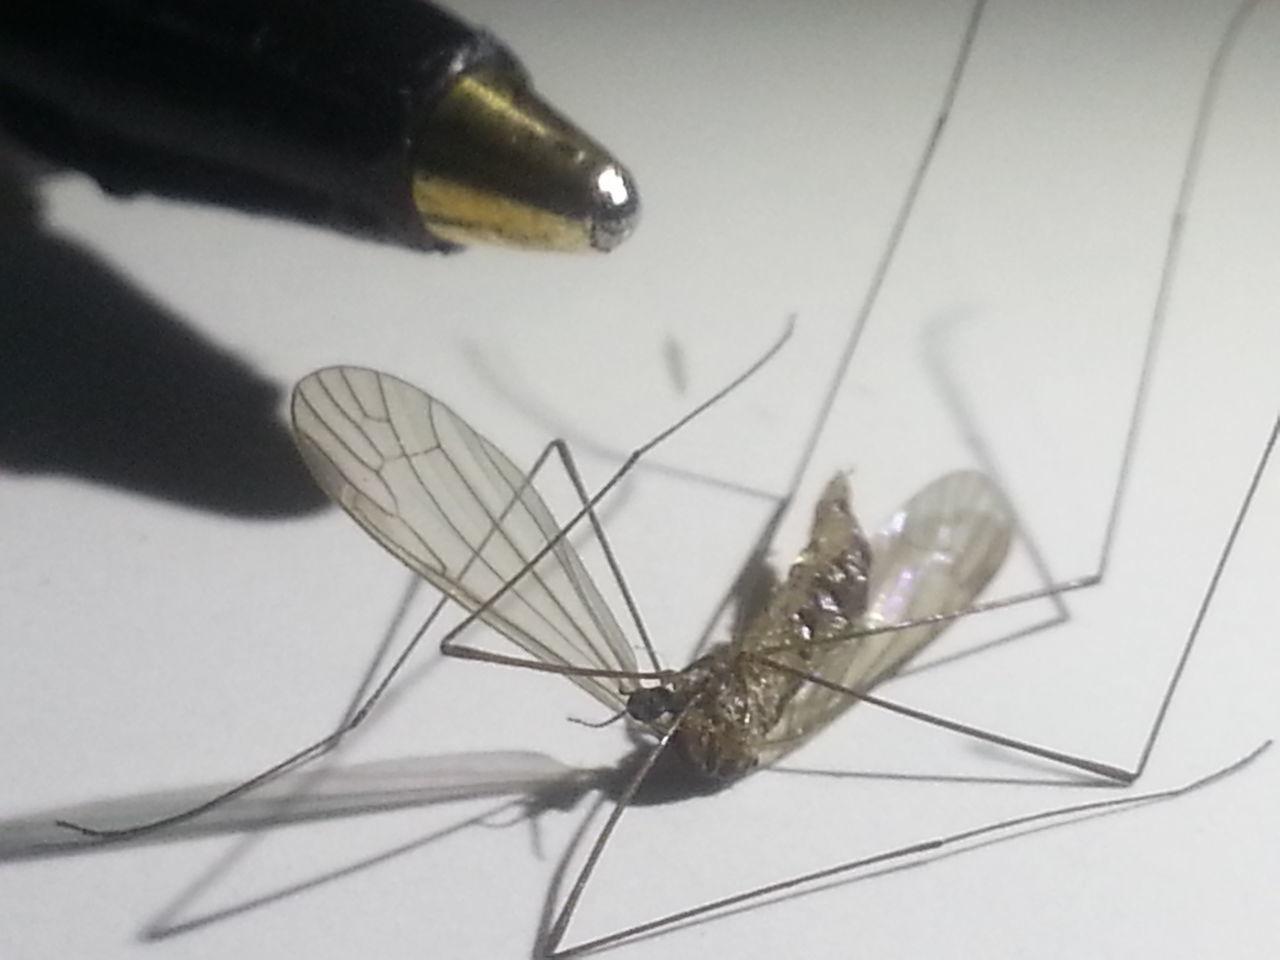 Macro_collection Macro Macro Photography Mosquito Mosquitoes  Mosquitos Killing Mosquitos